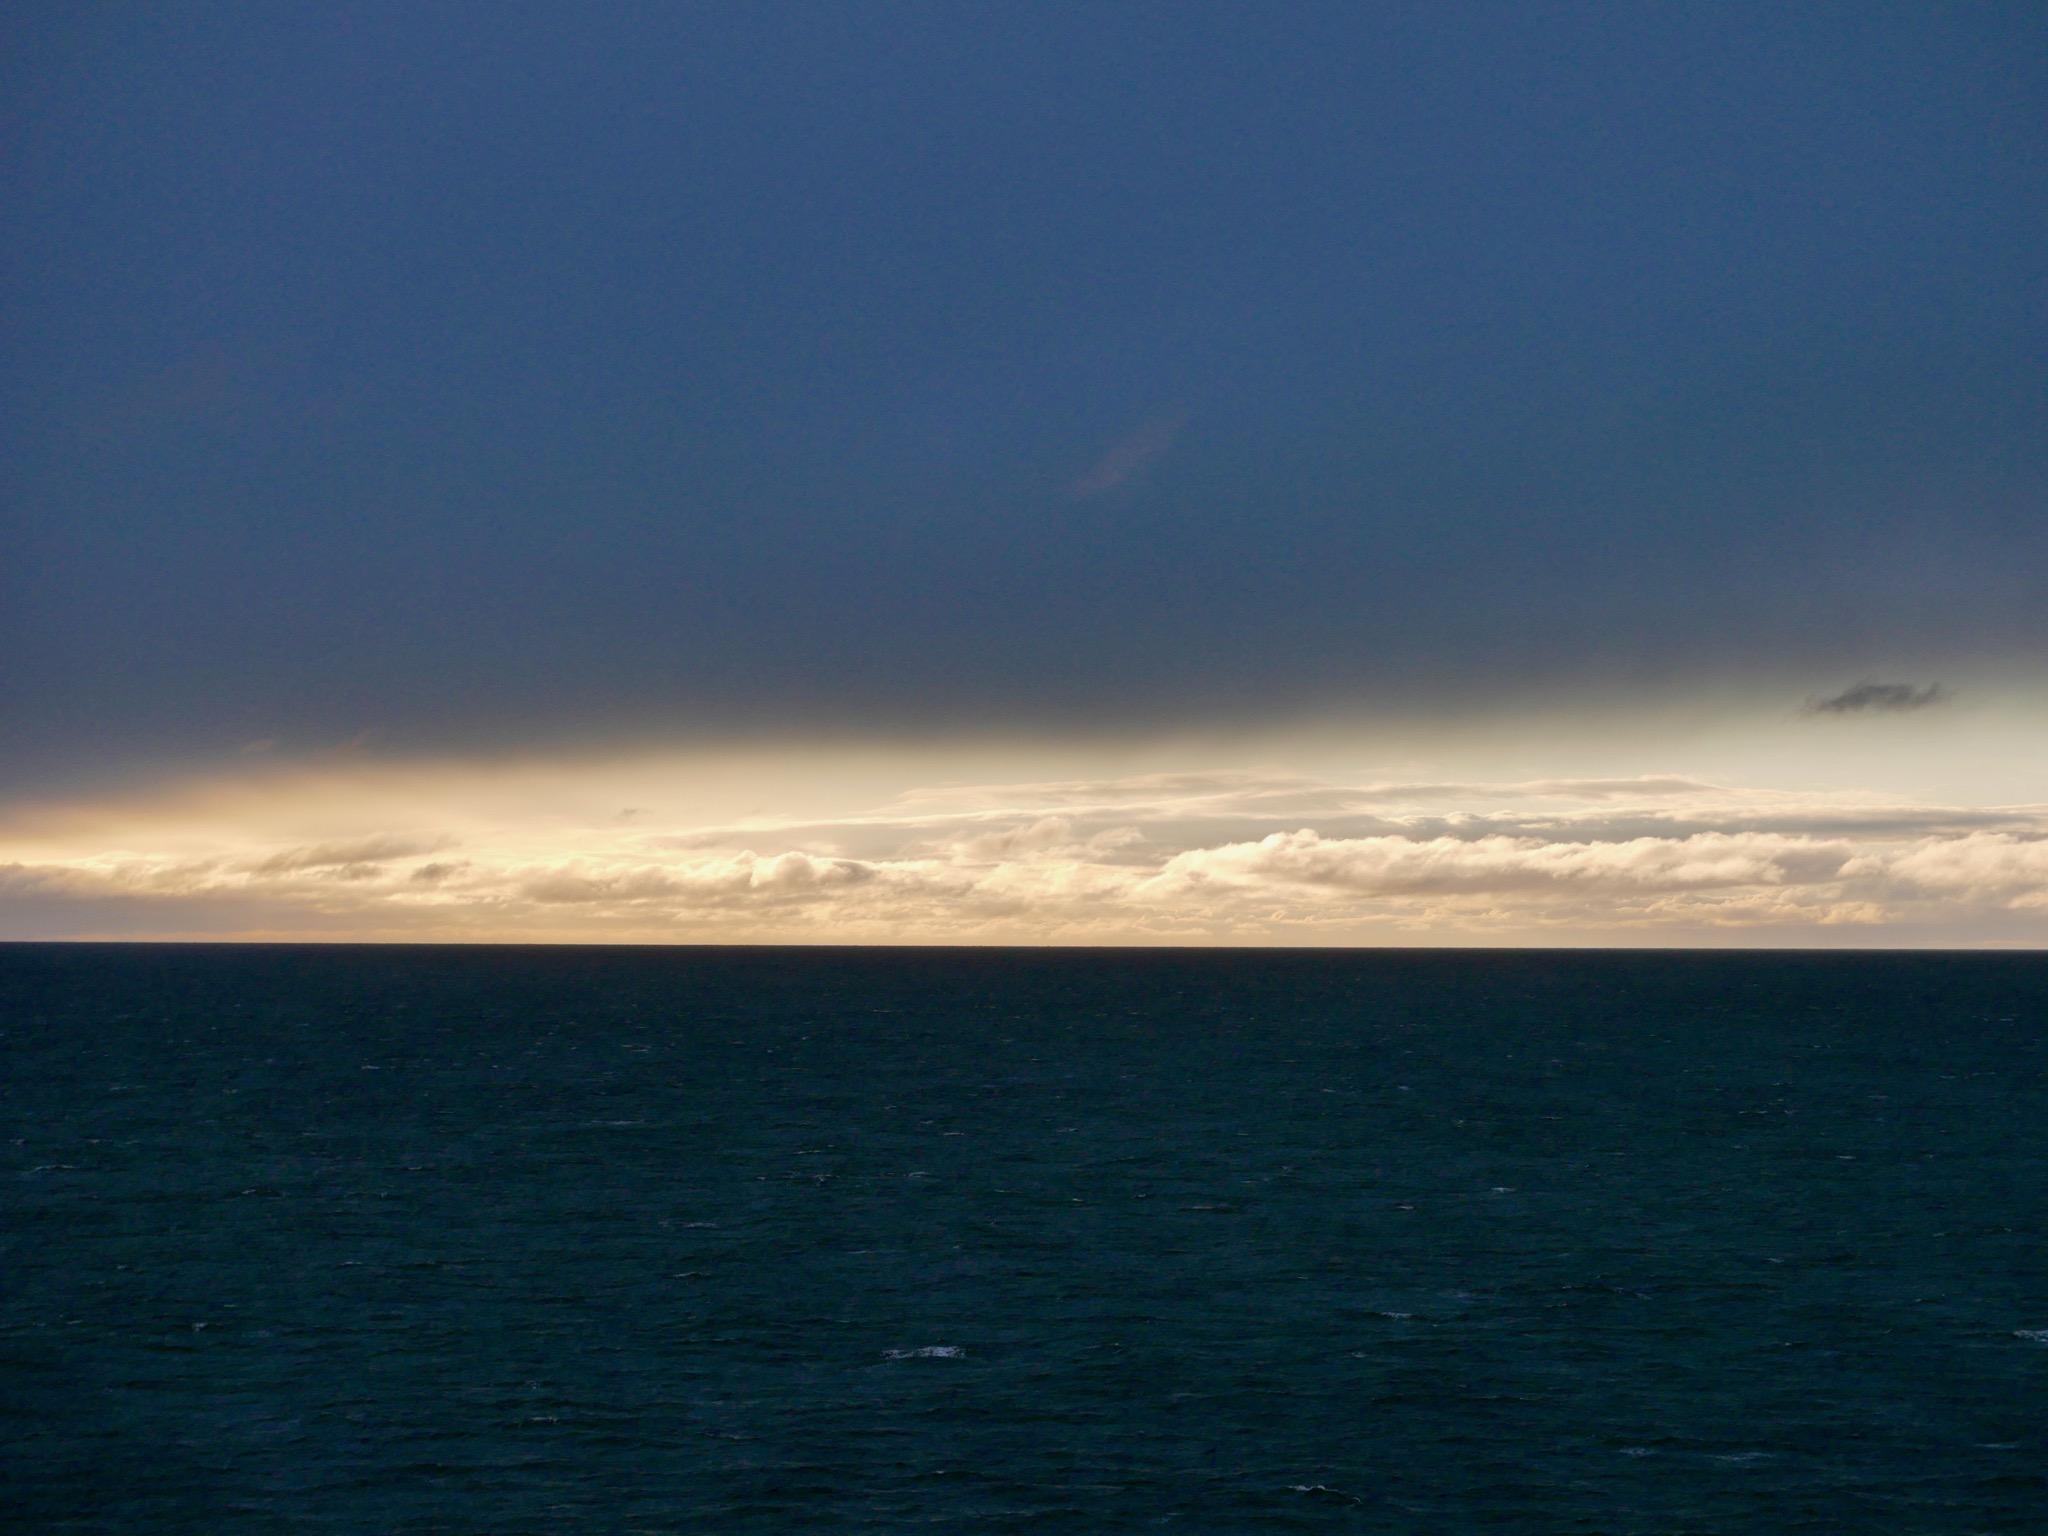 Midnight Sun (11:48)